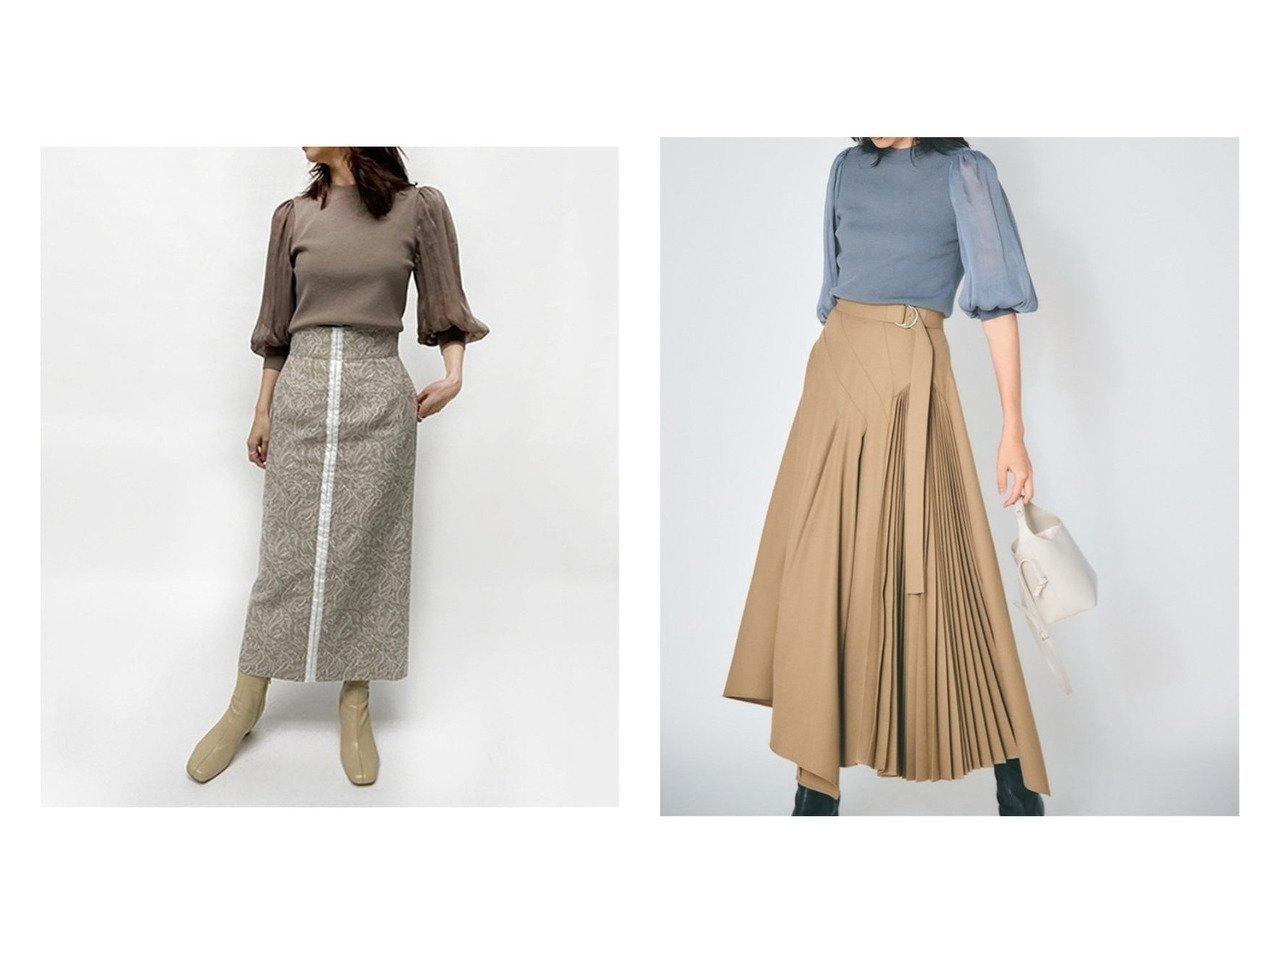 【FRAY I.D/フレイ アイディー】のタイトジャガードスカート&アシメプリーツスカート スカートのおすすめ!人気、トレンド・レディースファッションの通販  おすすめで人気の流行・トレンド、ファッションの通販商品 メンズファッション・キッズファッション・インテリア・家具・レディースファッション・服の通販 founy(ファニー) https://founy.com/ ファッション Fashion レディースファッション WOMEN スカート Skirt プリーツスカート Pleated Skirts スリット センター タイトスカート アシンメトリー ギャザー セットアップ プリーツ ミックス |ID:crp329100000009715